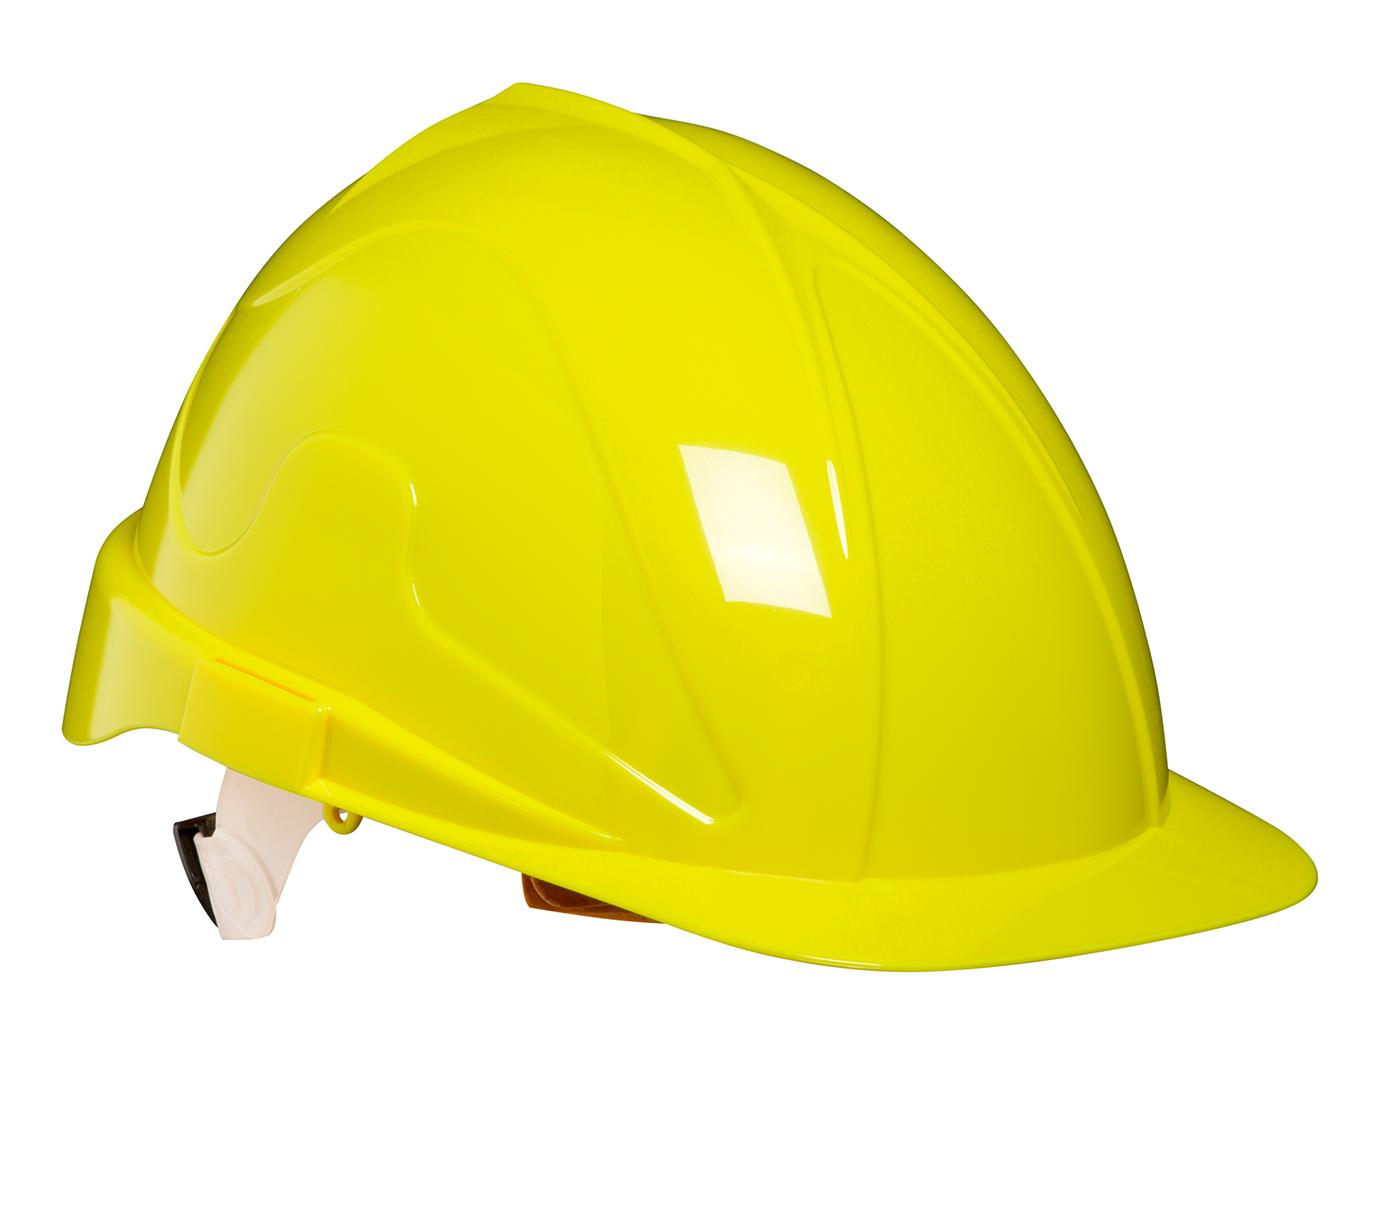 Helm TXR gelb